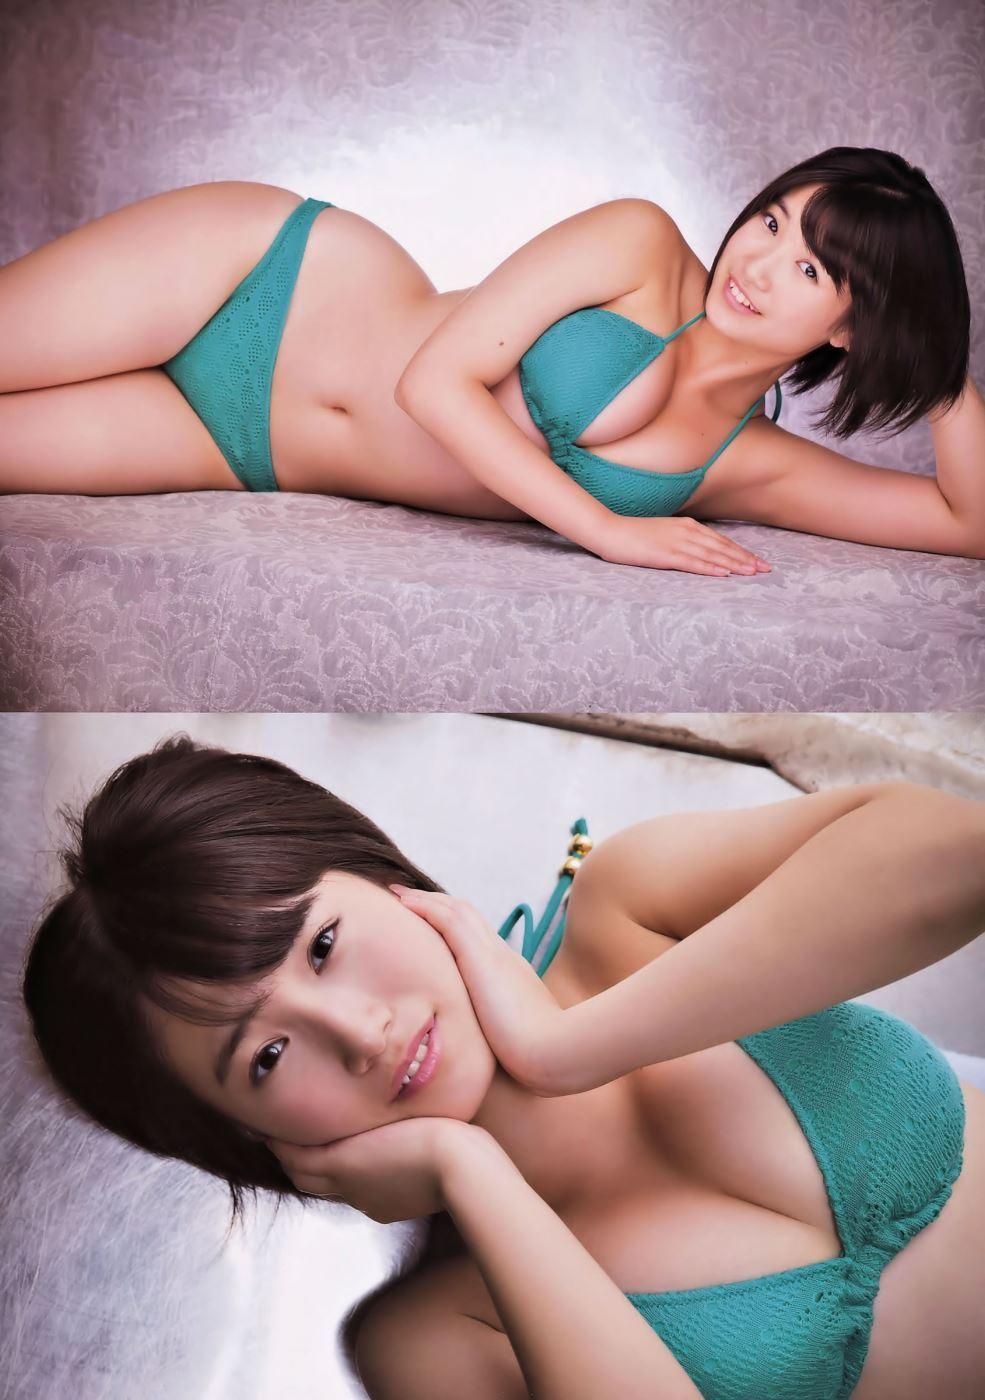 朝長美桜 画像 30